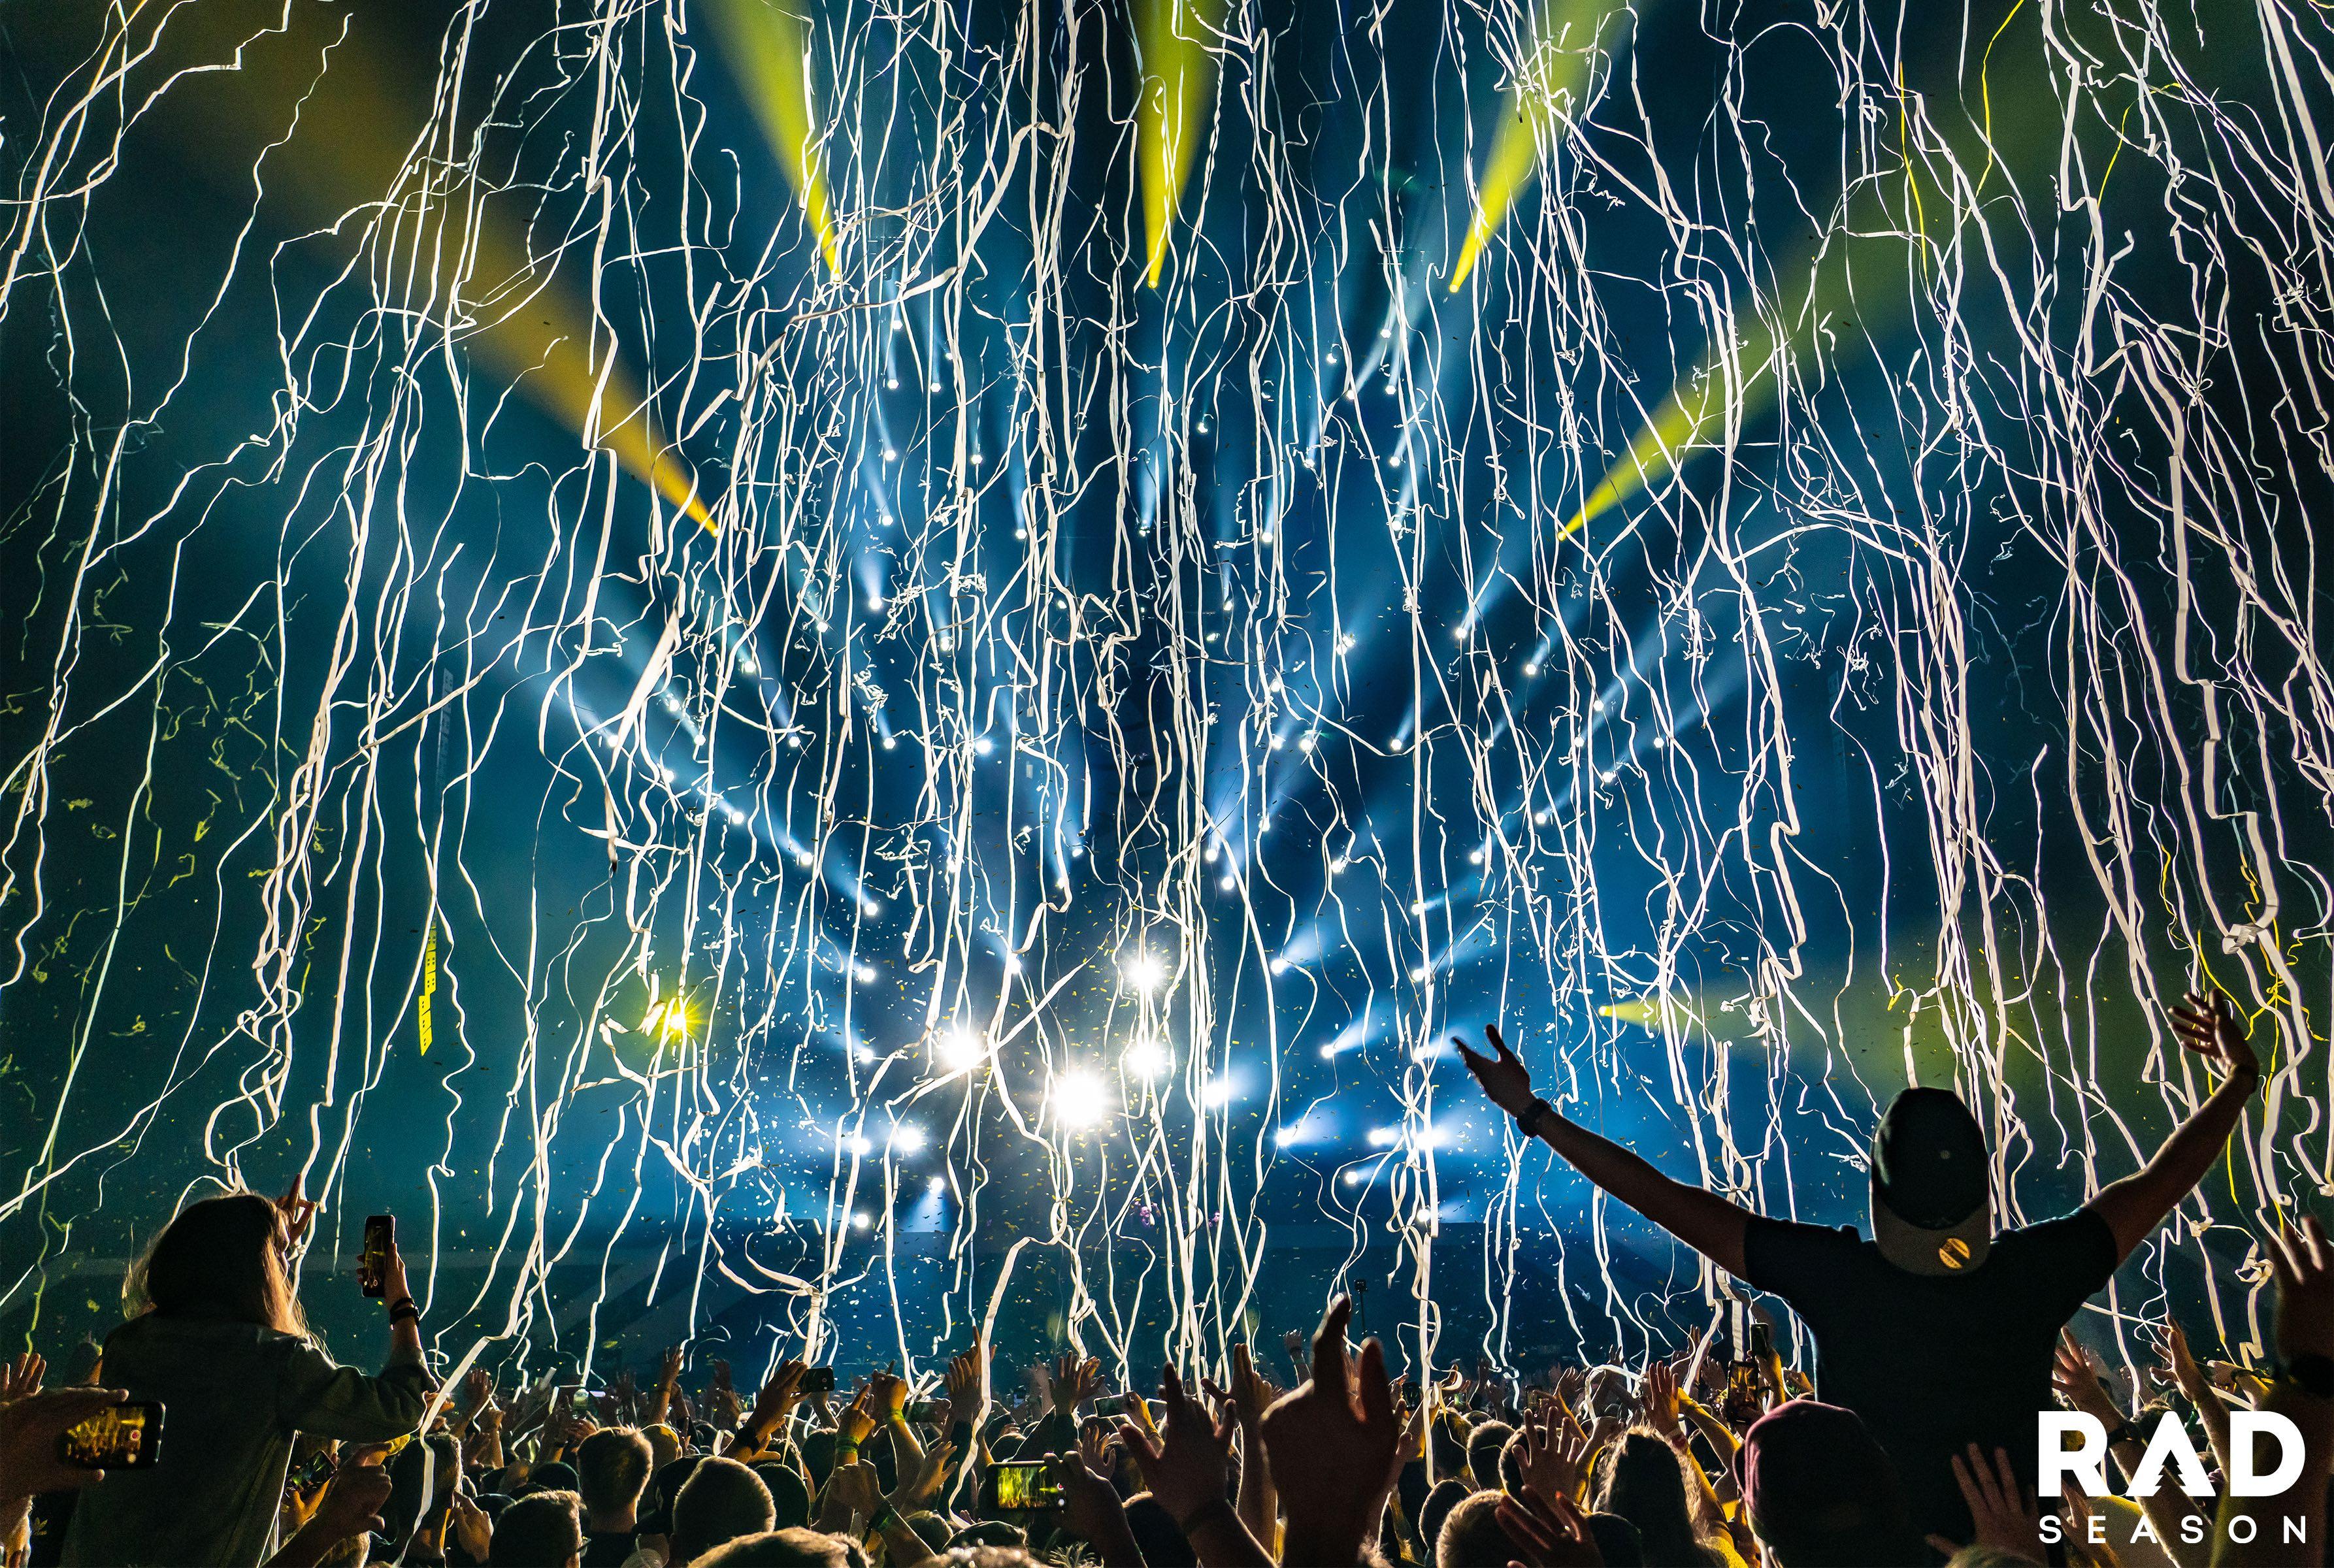 Underrated Music Festivals 2019